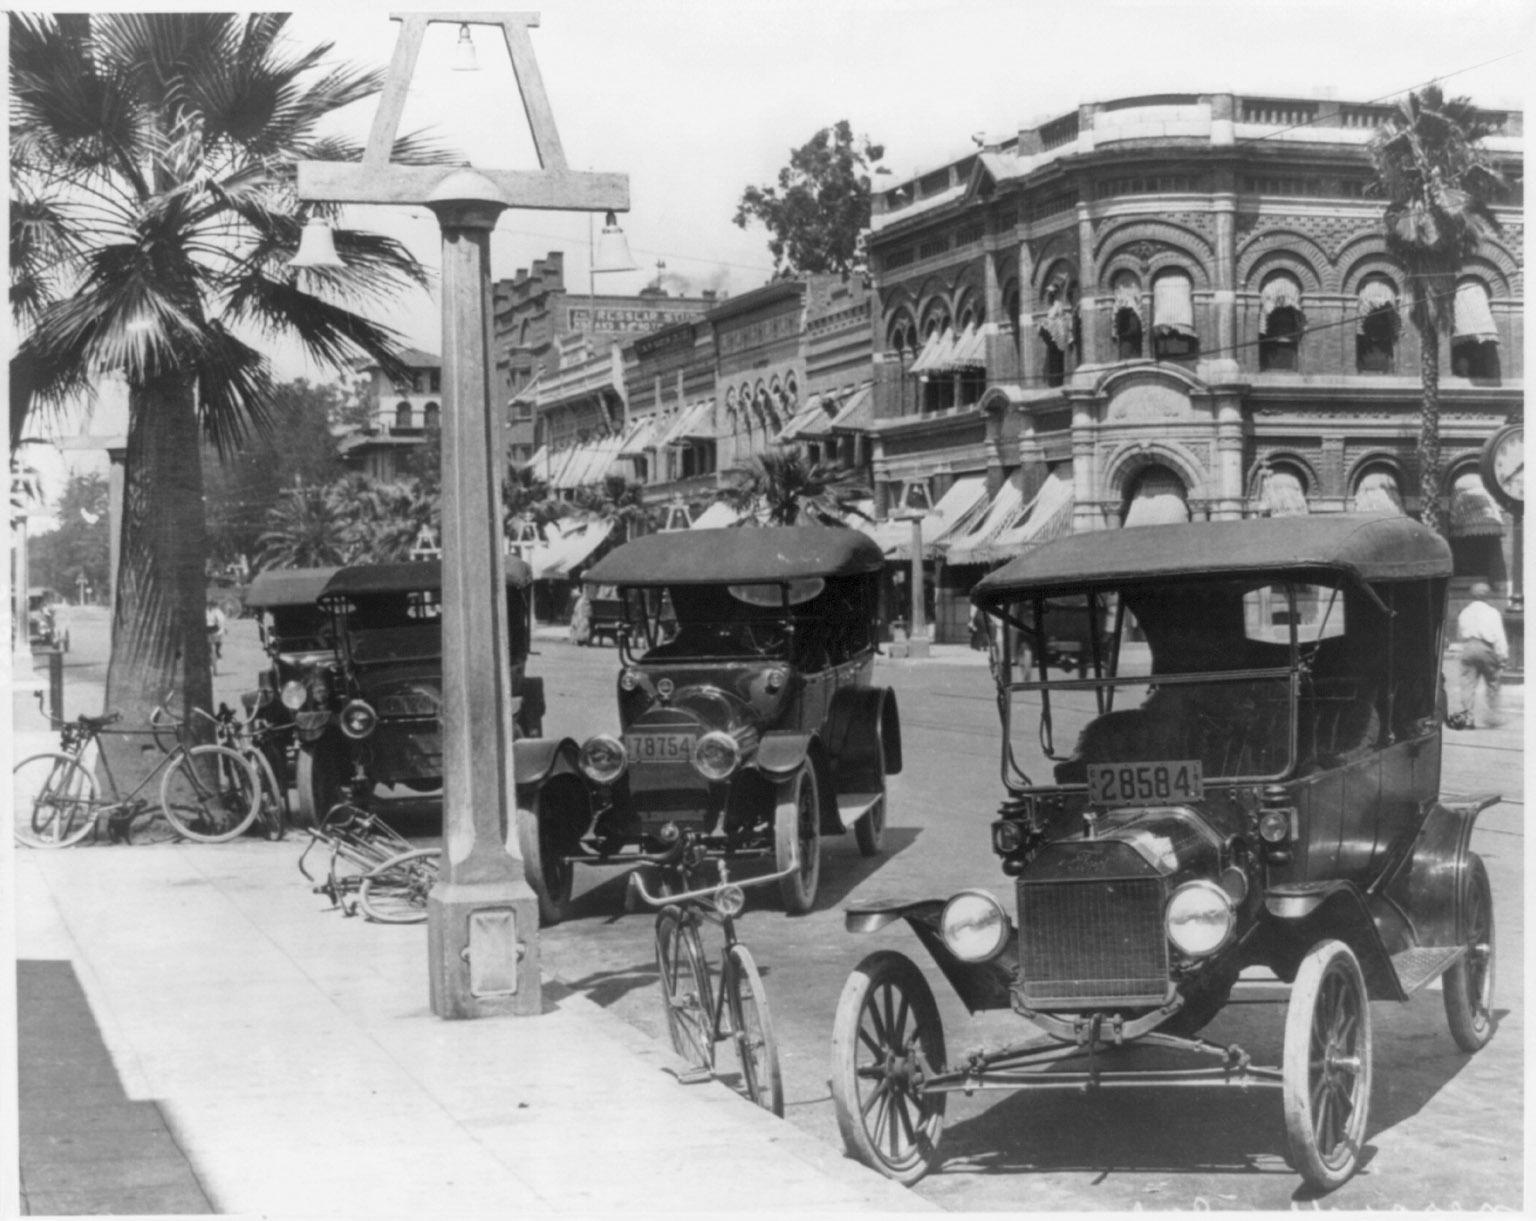 vintage cars parked on street